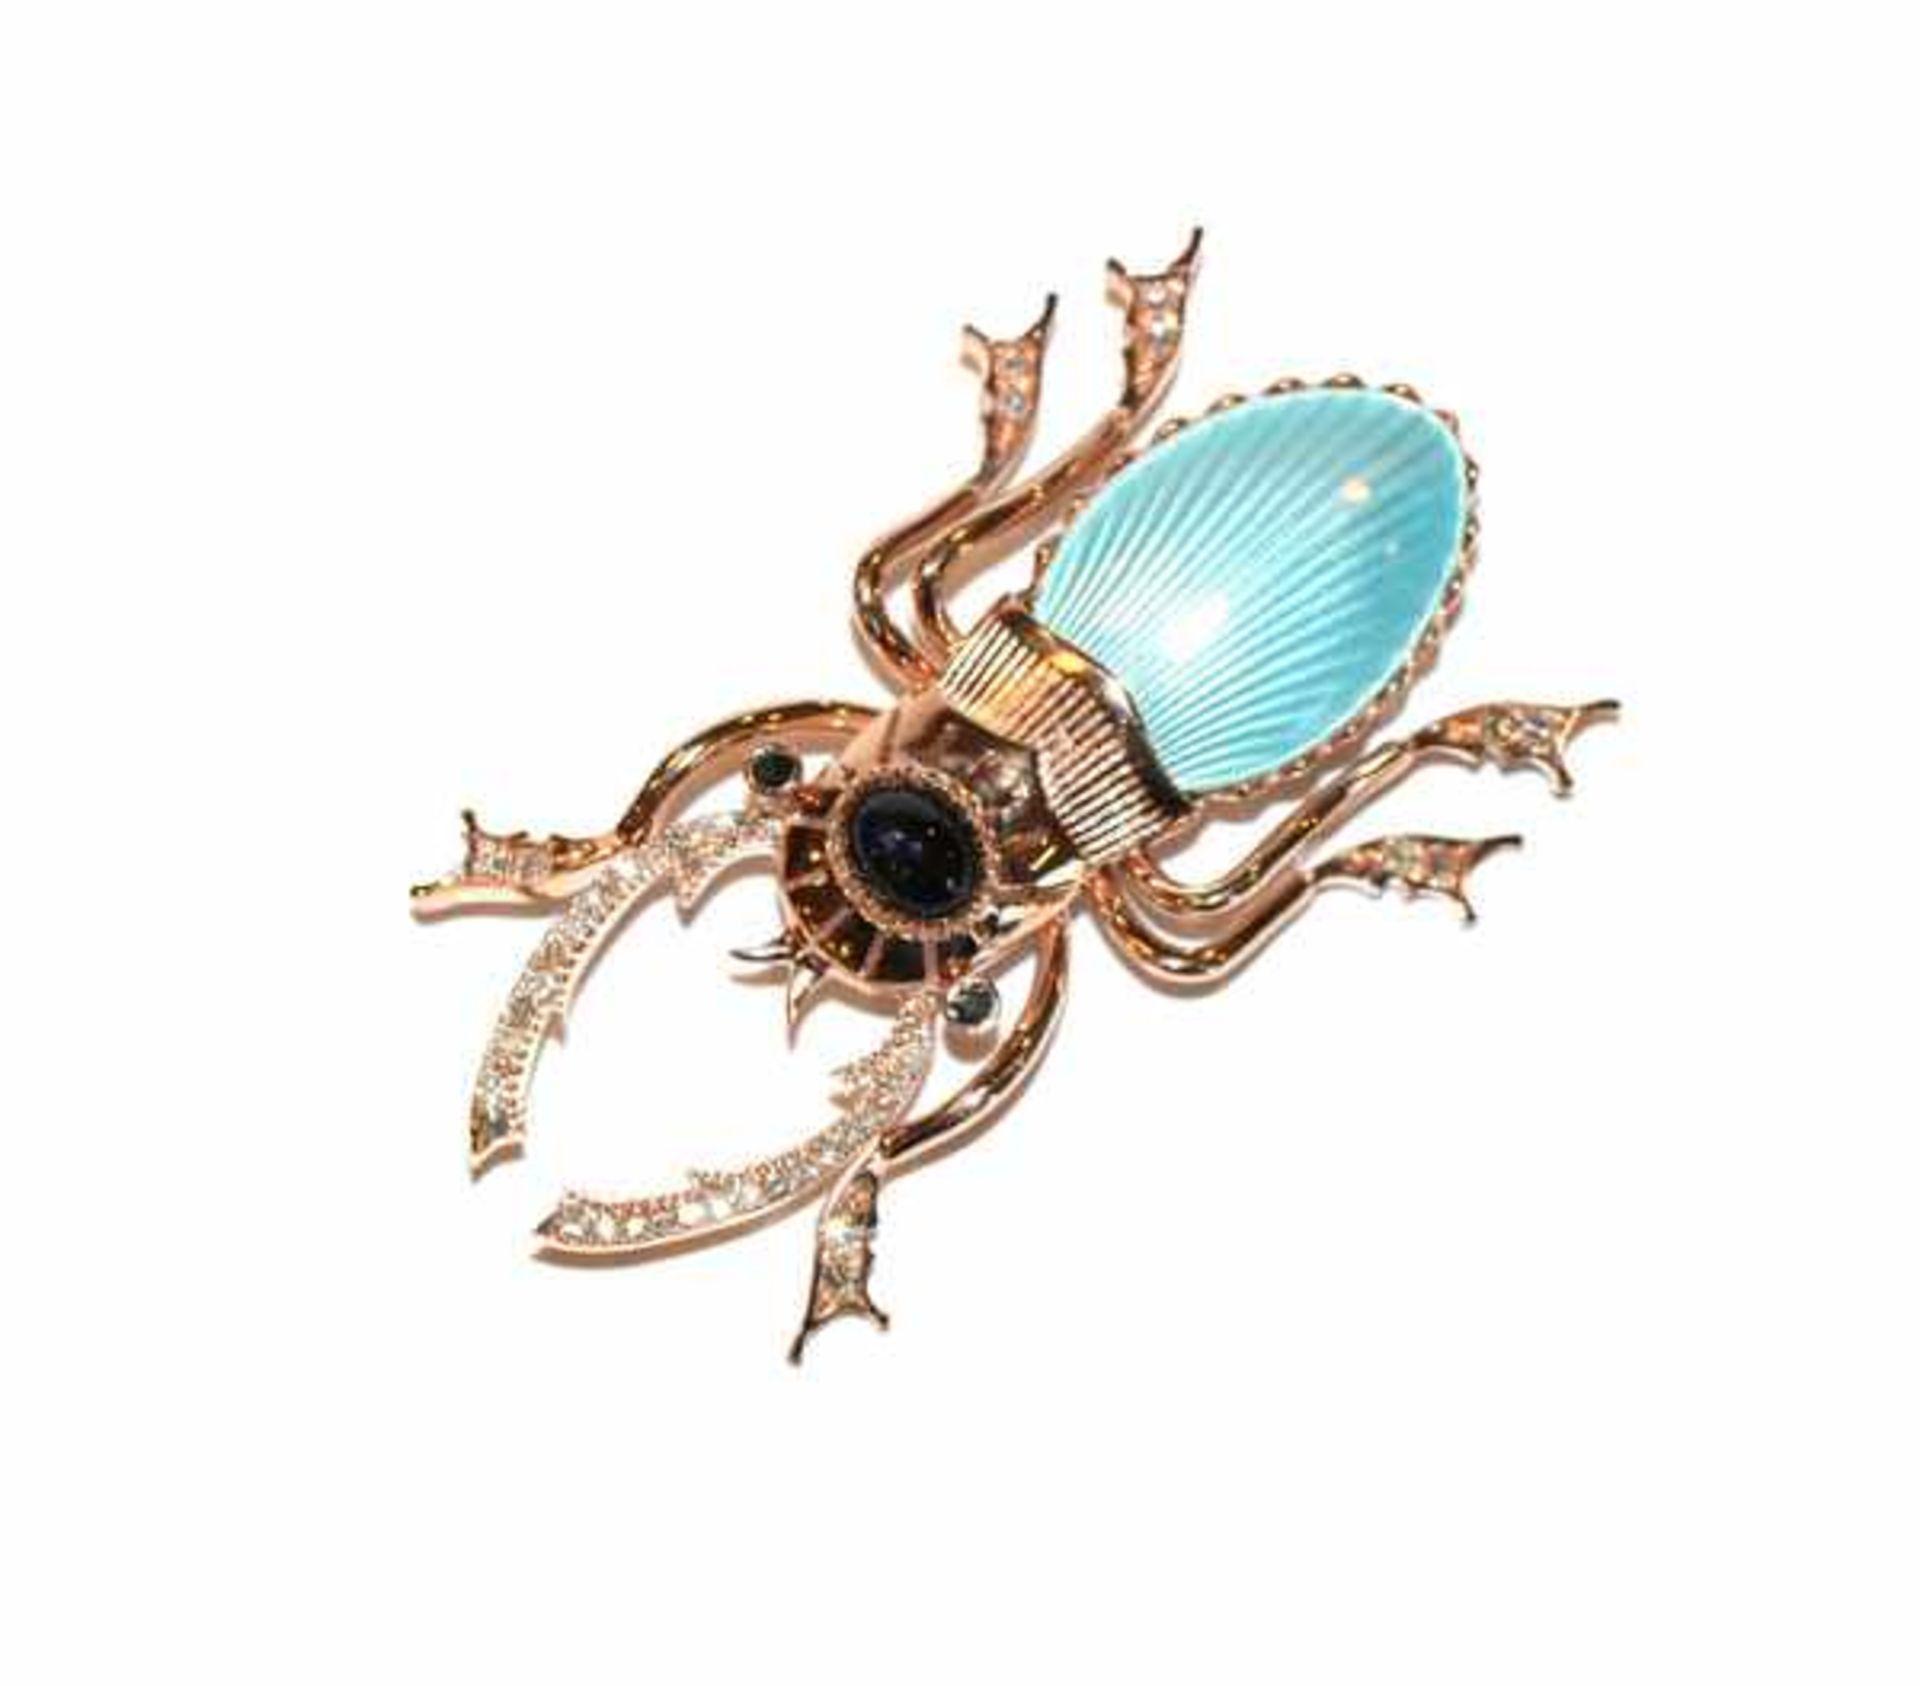 Los 98 - Ausgefallene 14 k Rosegold Brosche in Form eines Skarabäus mit hellblauem Emaildekor, Safiren und